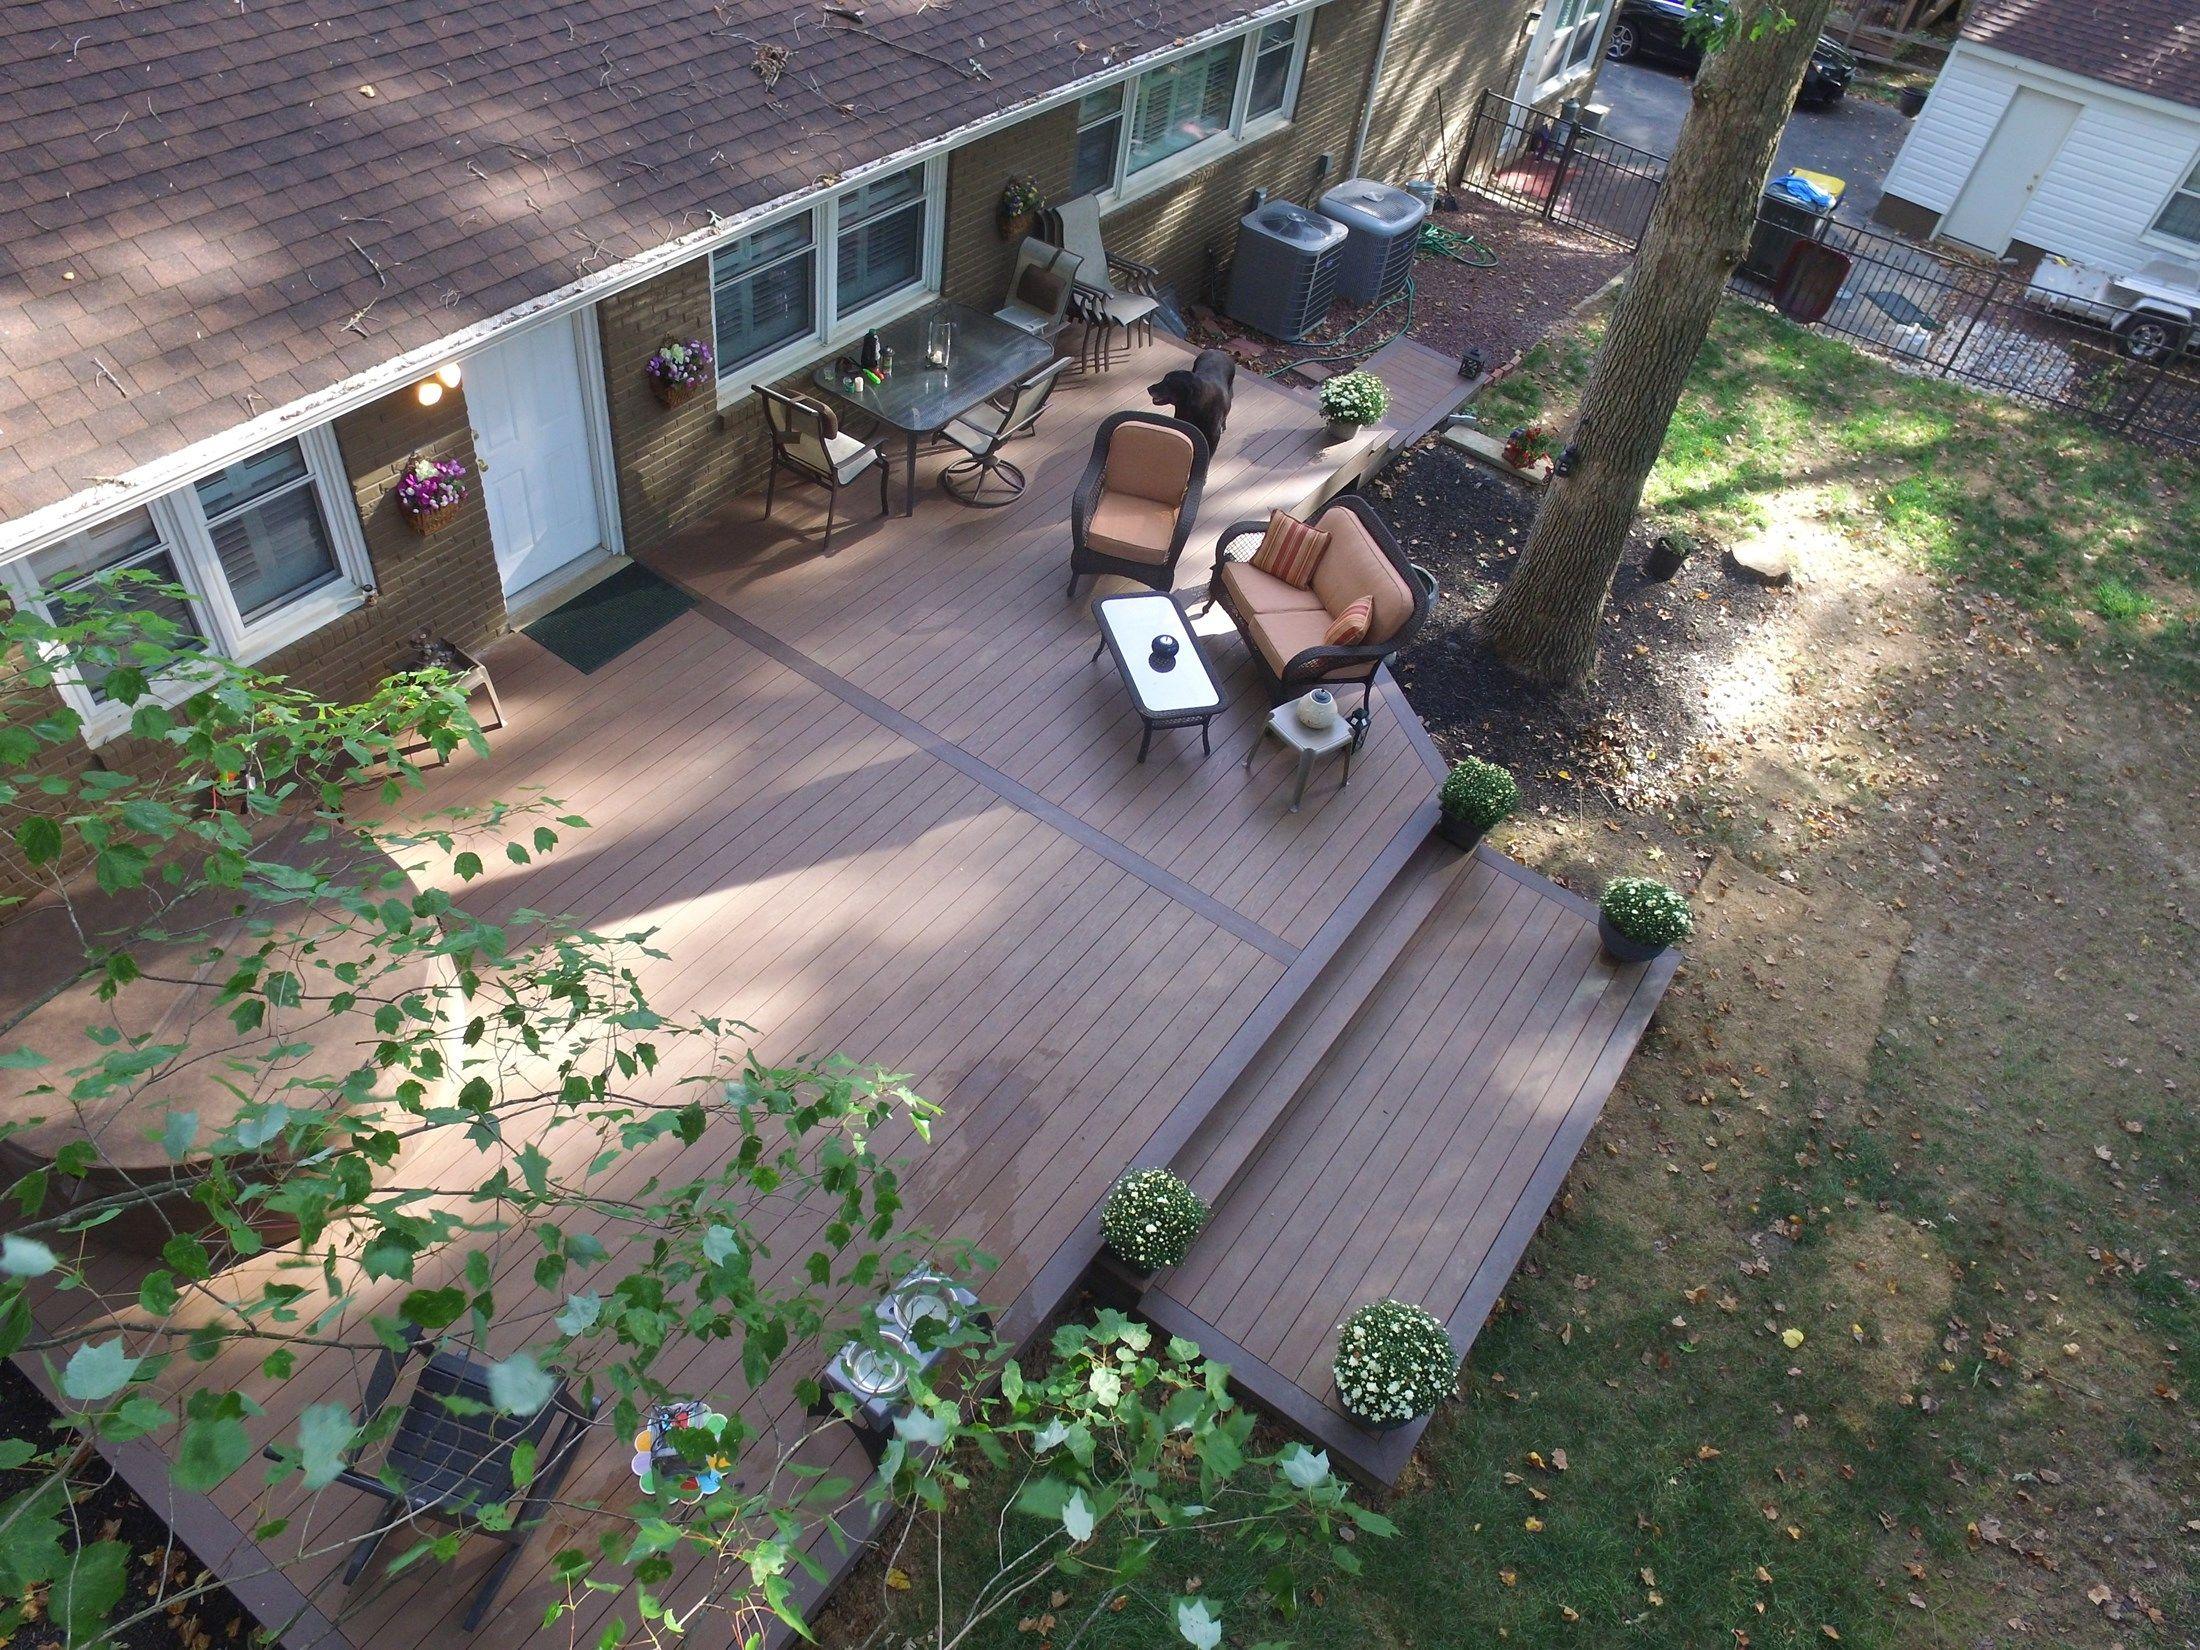 Timbertech Terrain Deck Picture 6520